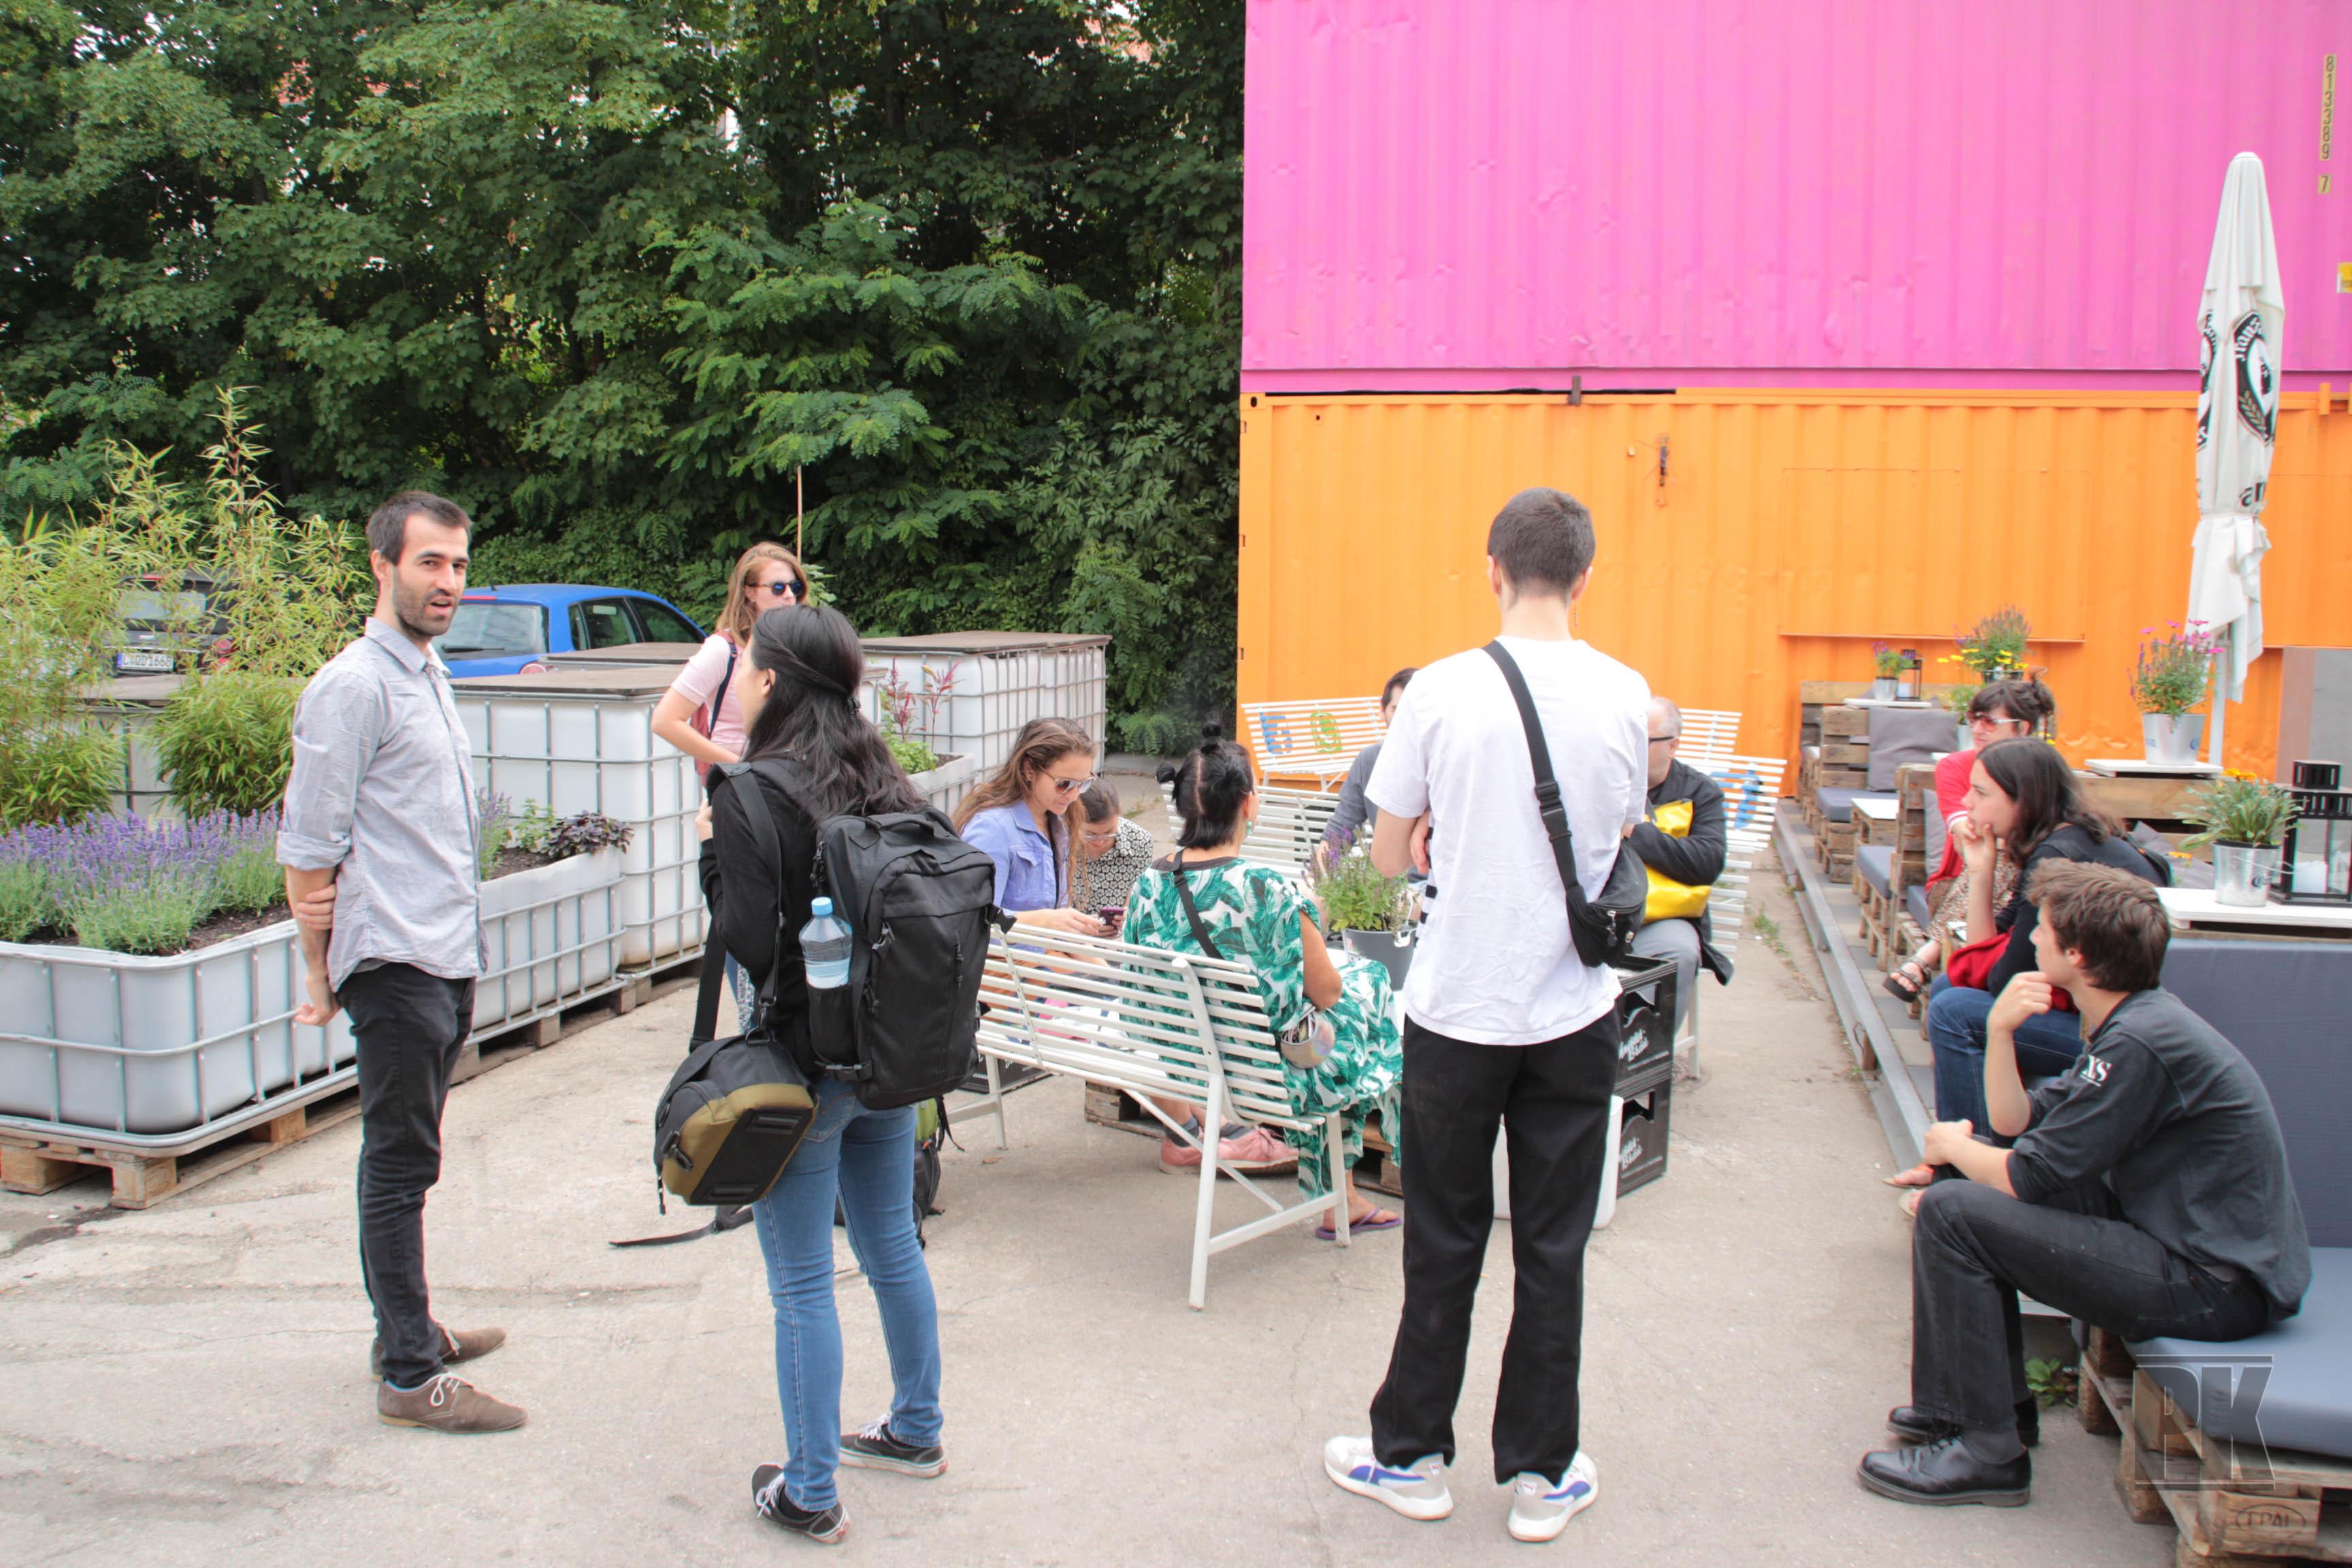 Matthias-Geissler-PILOTNEKUECHE-International-Art-Program-Leipzig-Germany-photo-Stanley-Louis-for-PK-12